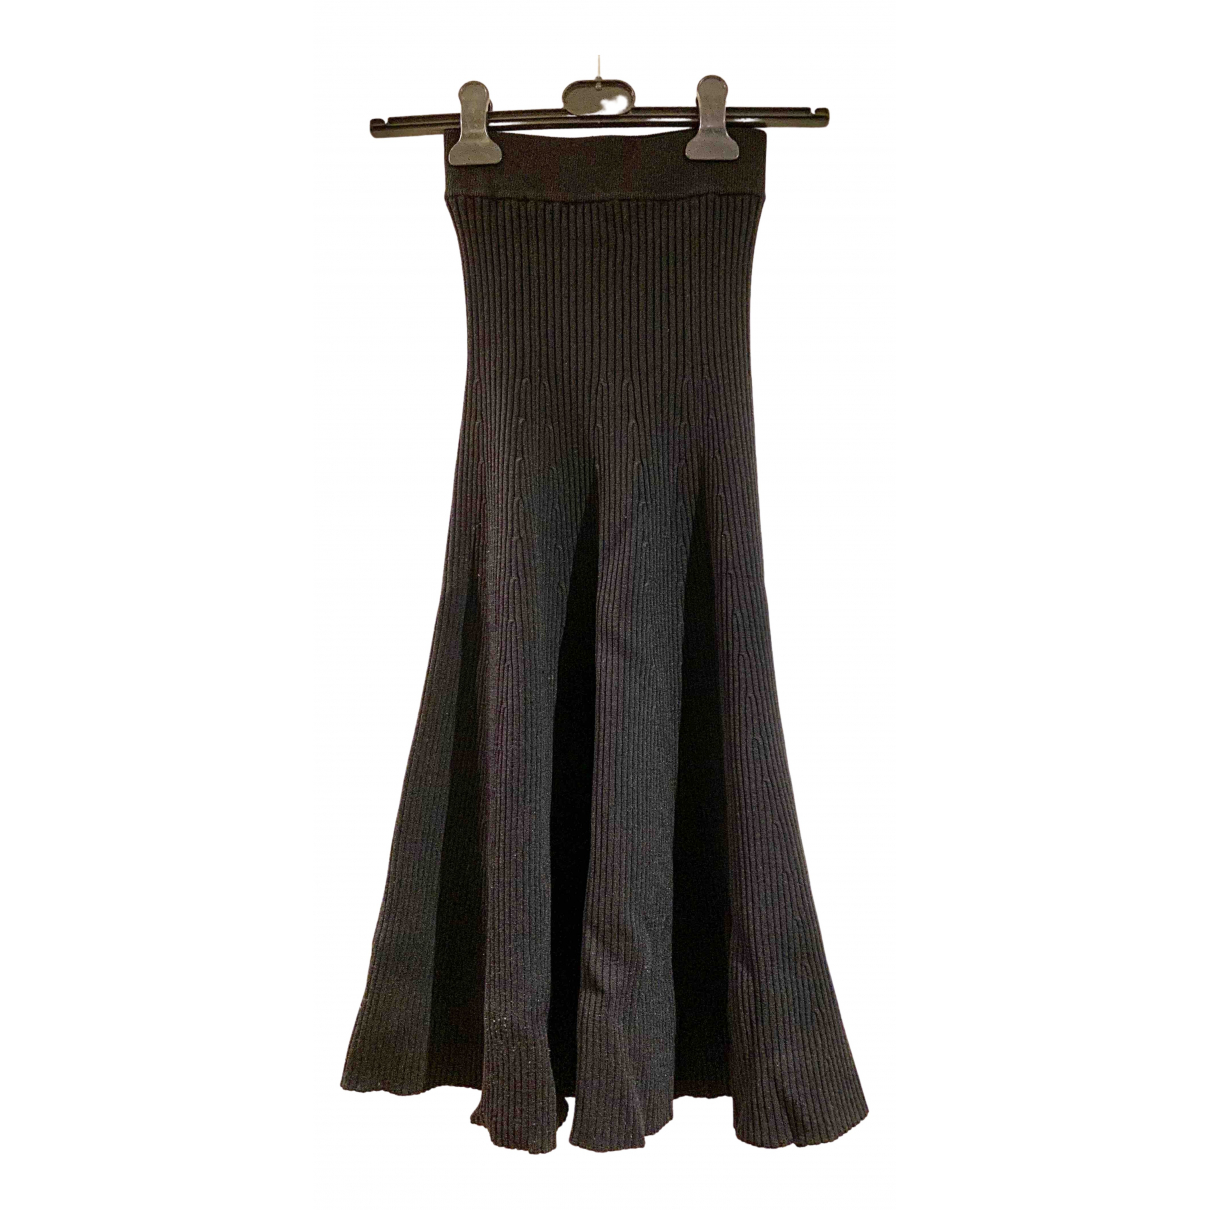 Maje \N Black skirt for Women 1 US